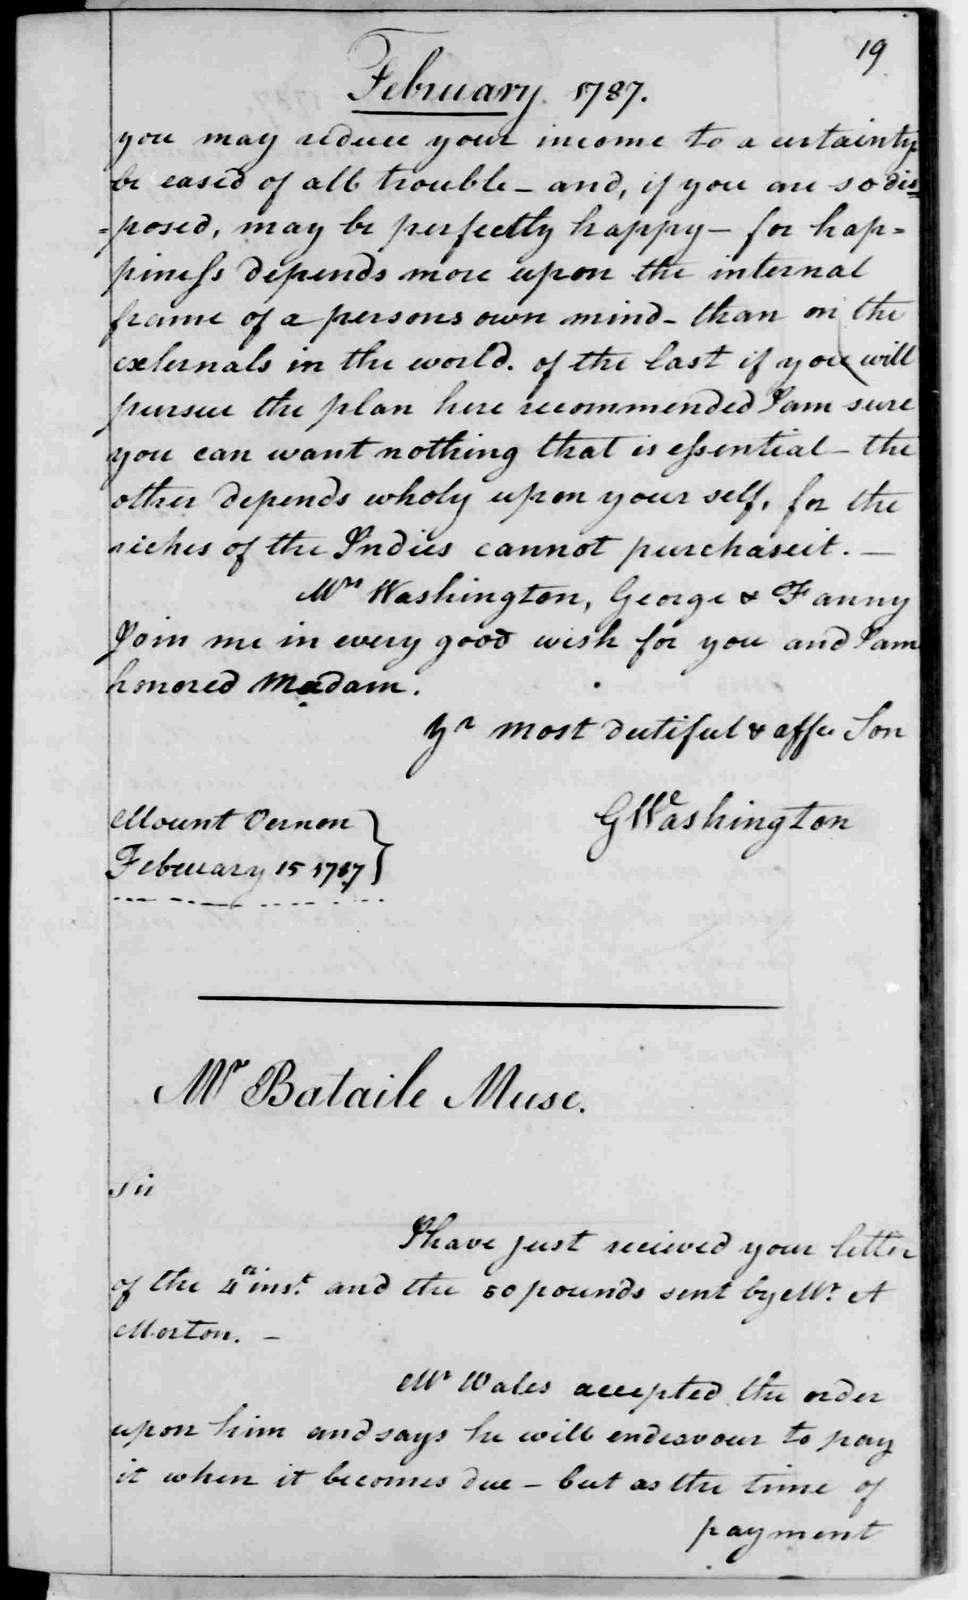 George Washington Papers, Series 2, Letterbooks 1754-1799: Letterbook 14, Feb. 11, 1787 - Feb. 22, 1788